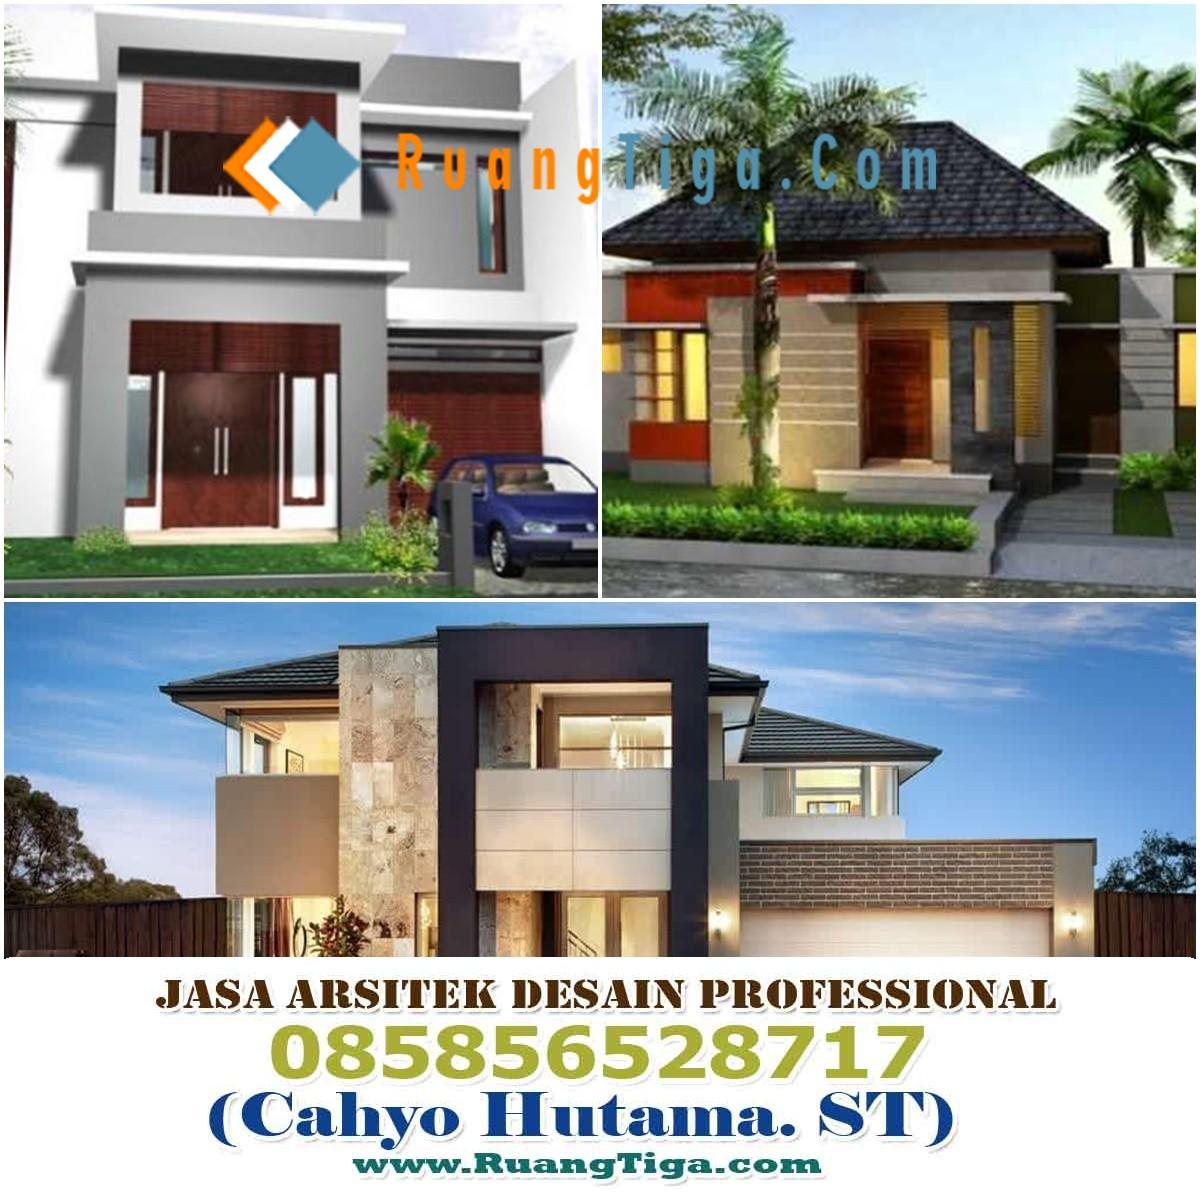 085856528717 Jasa Desain Rumah Mewah Eropa 1 2 Lantai Online Arsitek Cahyo Hutama St 085856528717 Jasa Desain Rumah Minimalis Medan Jasa Arsitek Rumah Di Bandung Kota Bandung Jawa